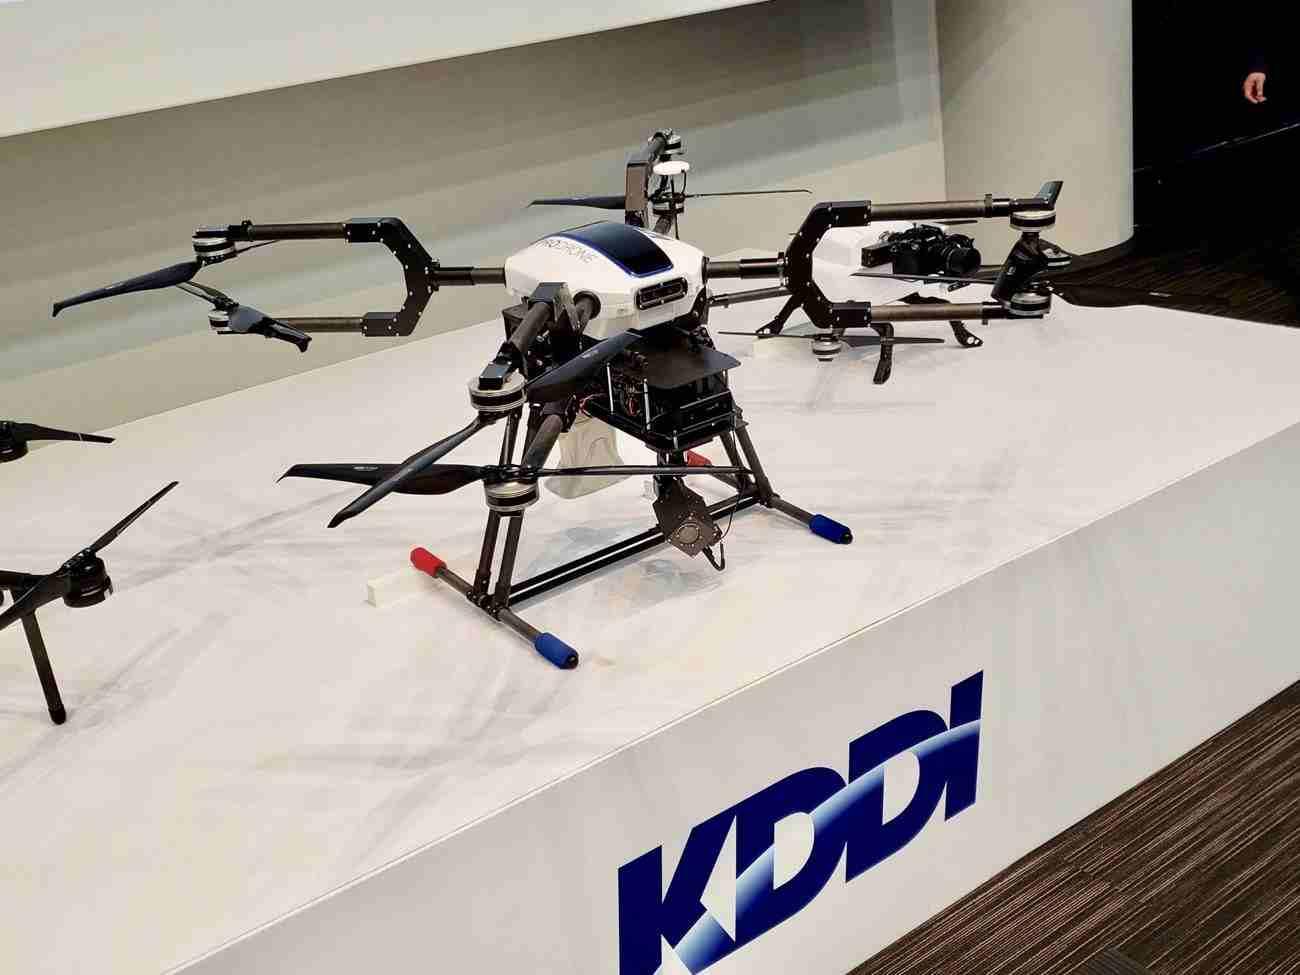 【ロボット】生産性4倍 KDDIが「4Gドローン」を商用化